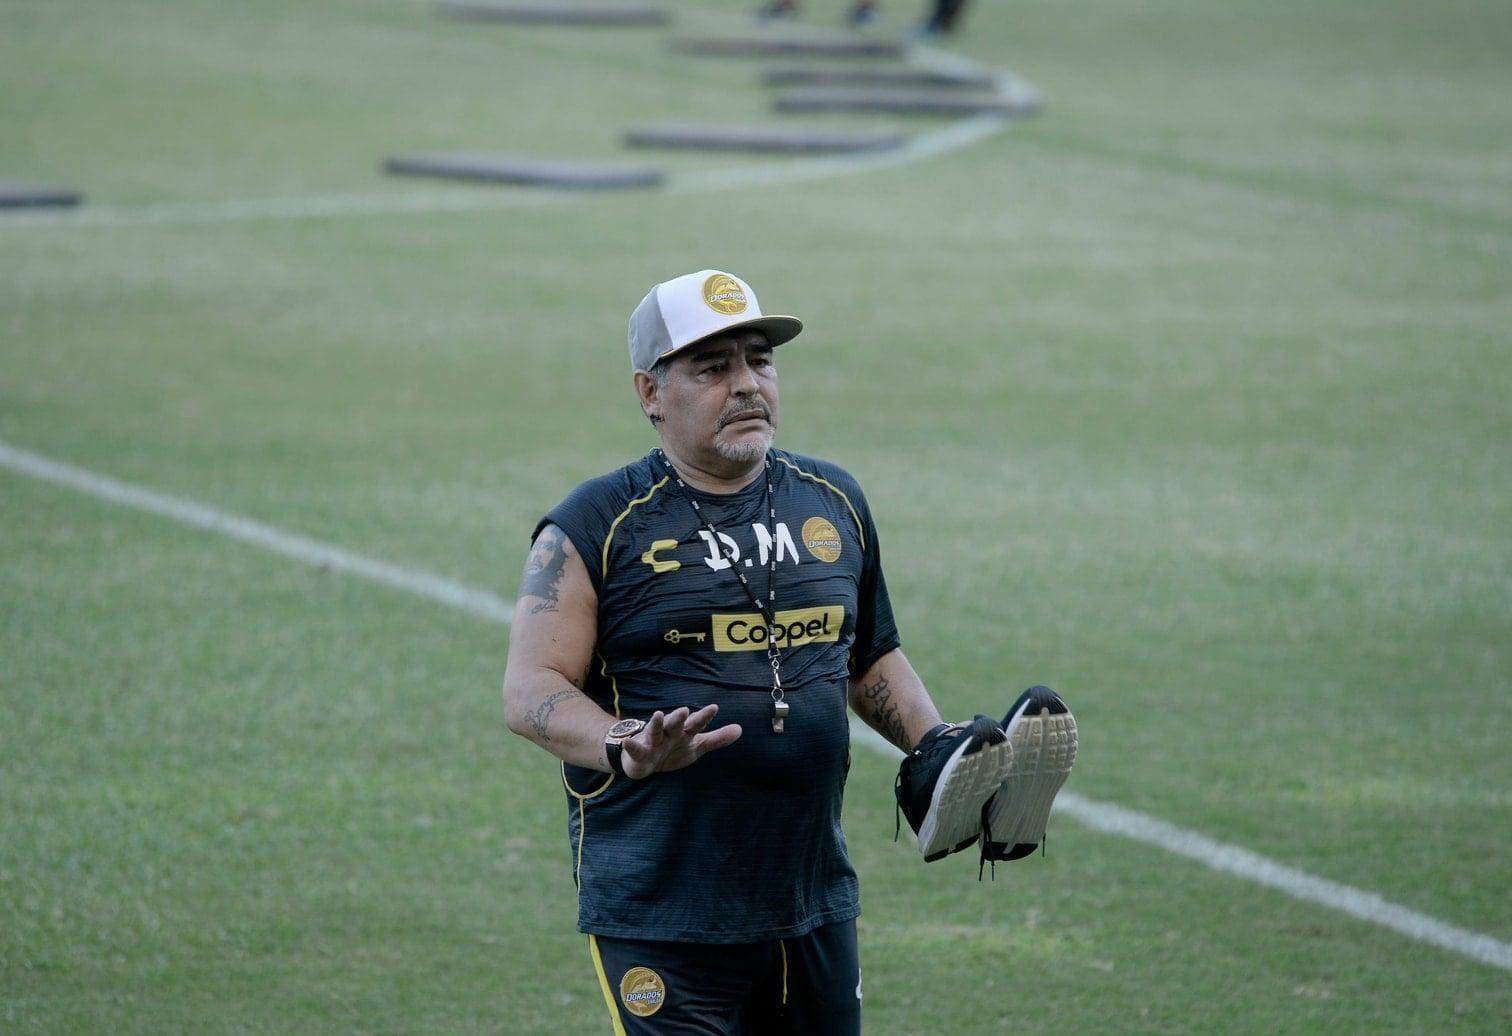 sagte Argentiniens Fußball-Legende am Montag bei seiner Vorstellung als Trainer des Clubs Dorados de Sinaloa in Culiacán. Er sei kein Verfechter des defensiven Fußballs.</p> Foto: dpa